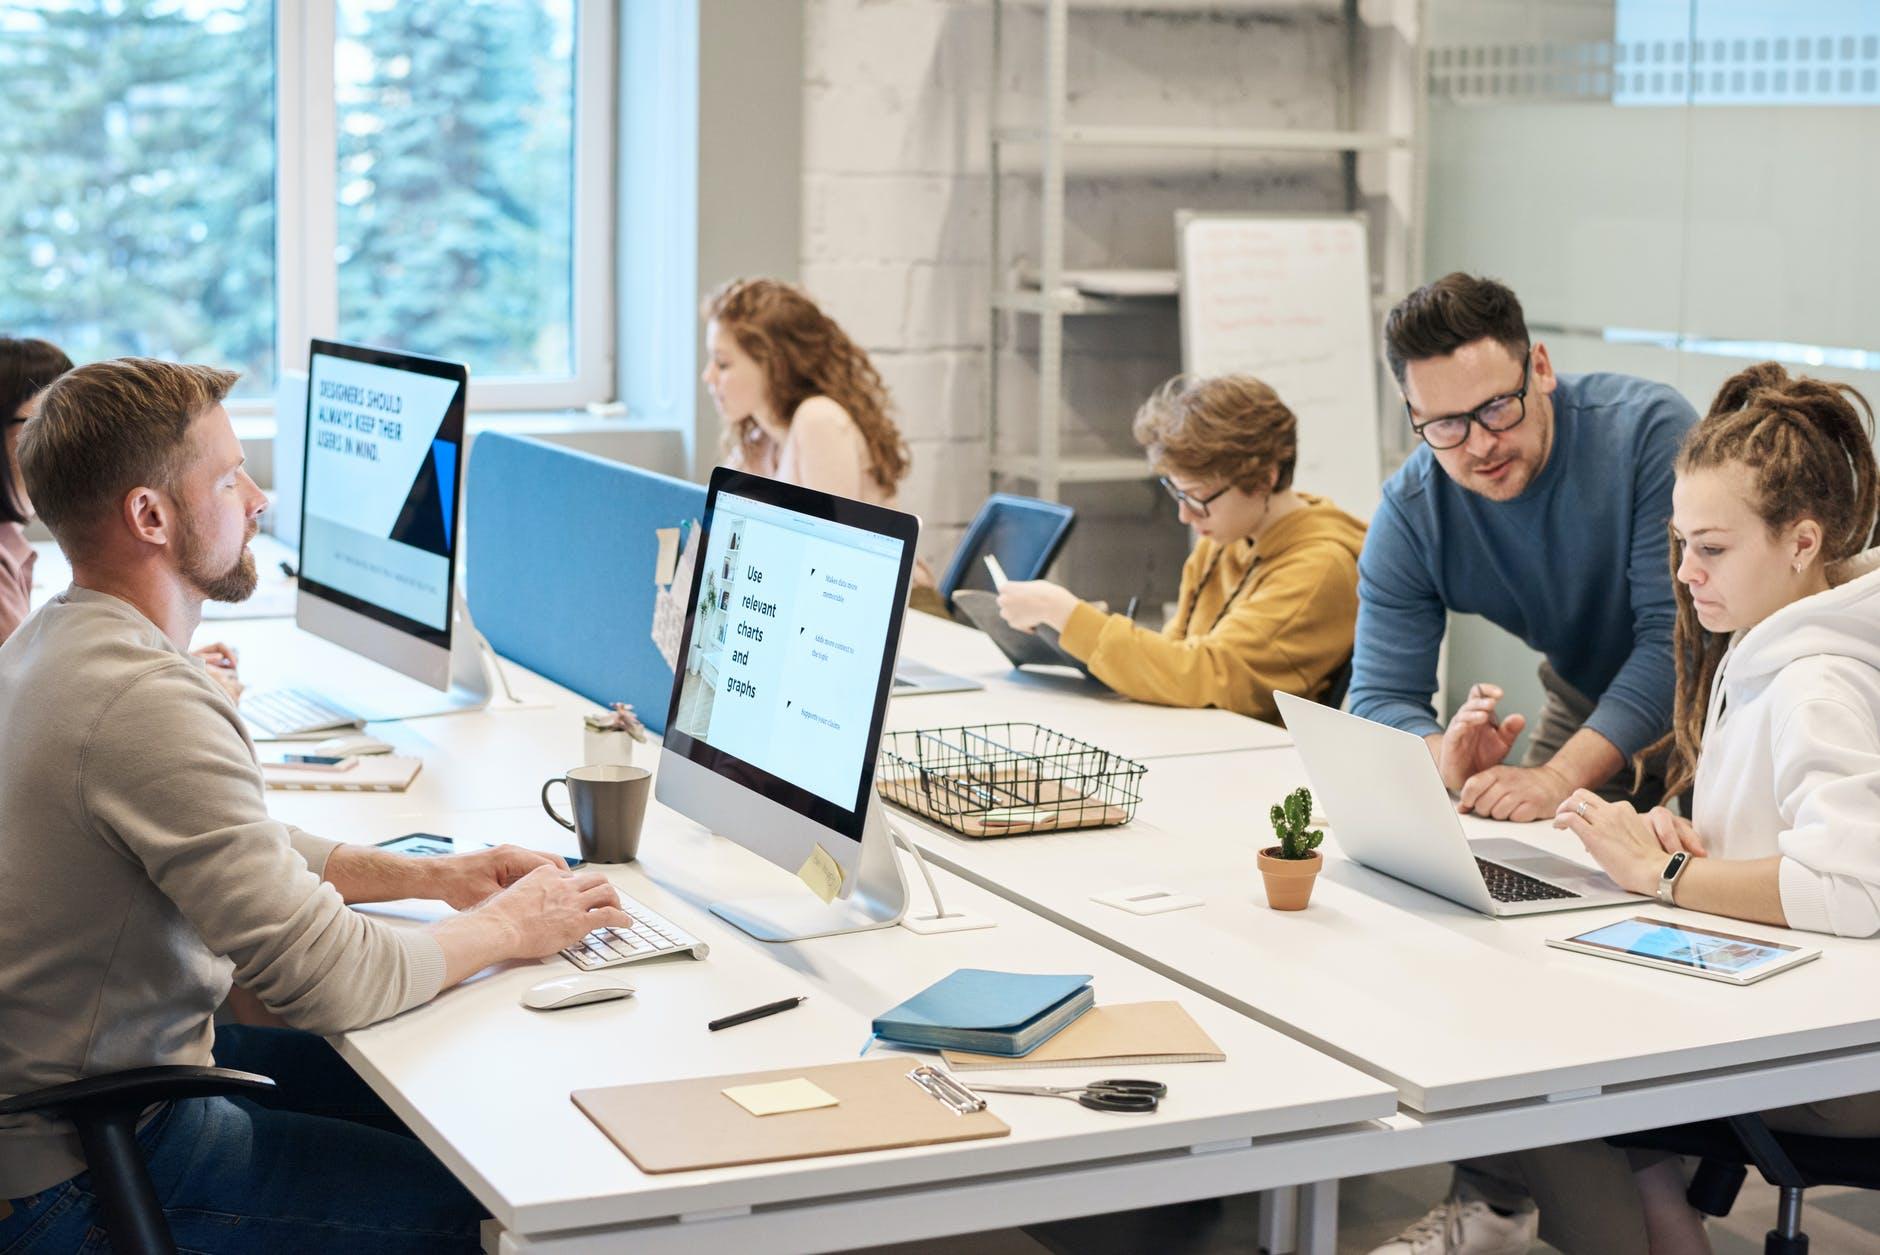 你的辦公區桌也定期清潔嗎